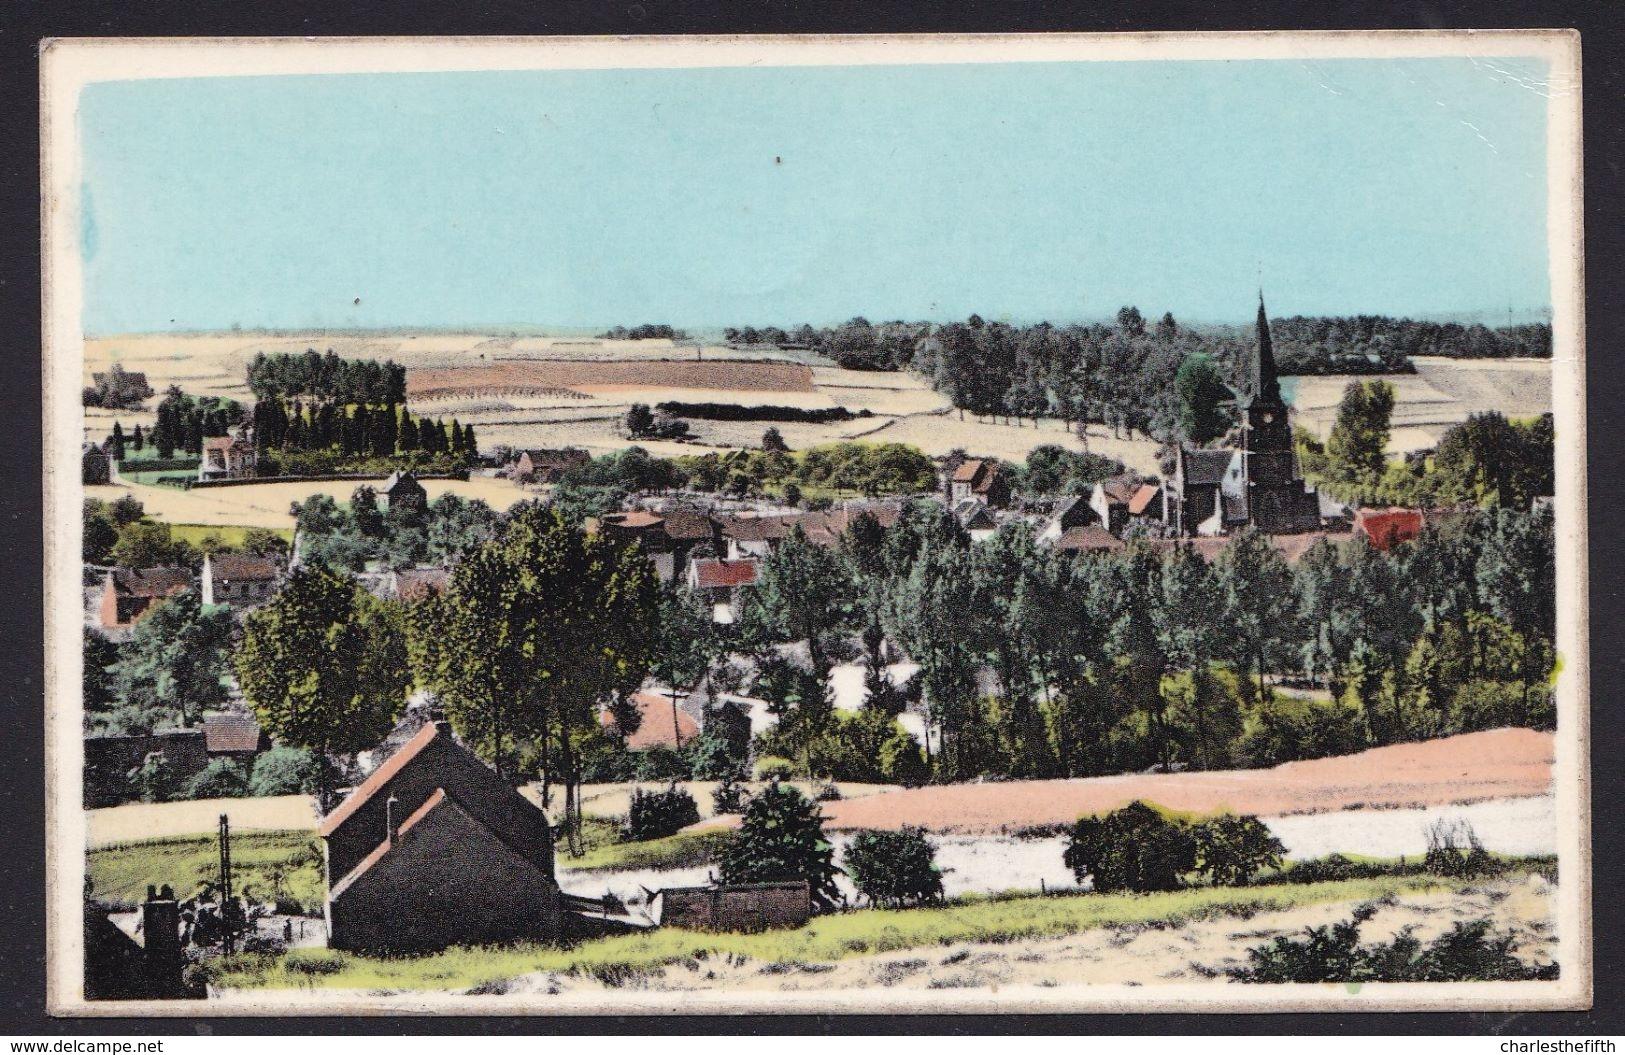 Dworp - Tourneppe. (Beersel) - Panorama West - Niet Courant - KOOPT NU MIJN VOLLEDIGE COLLECTIE DWORP 35 KAARTEN à - 20% - Beersel